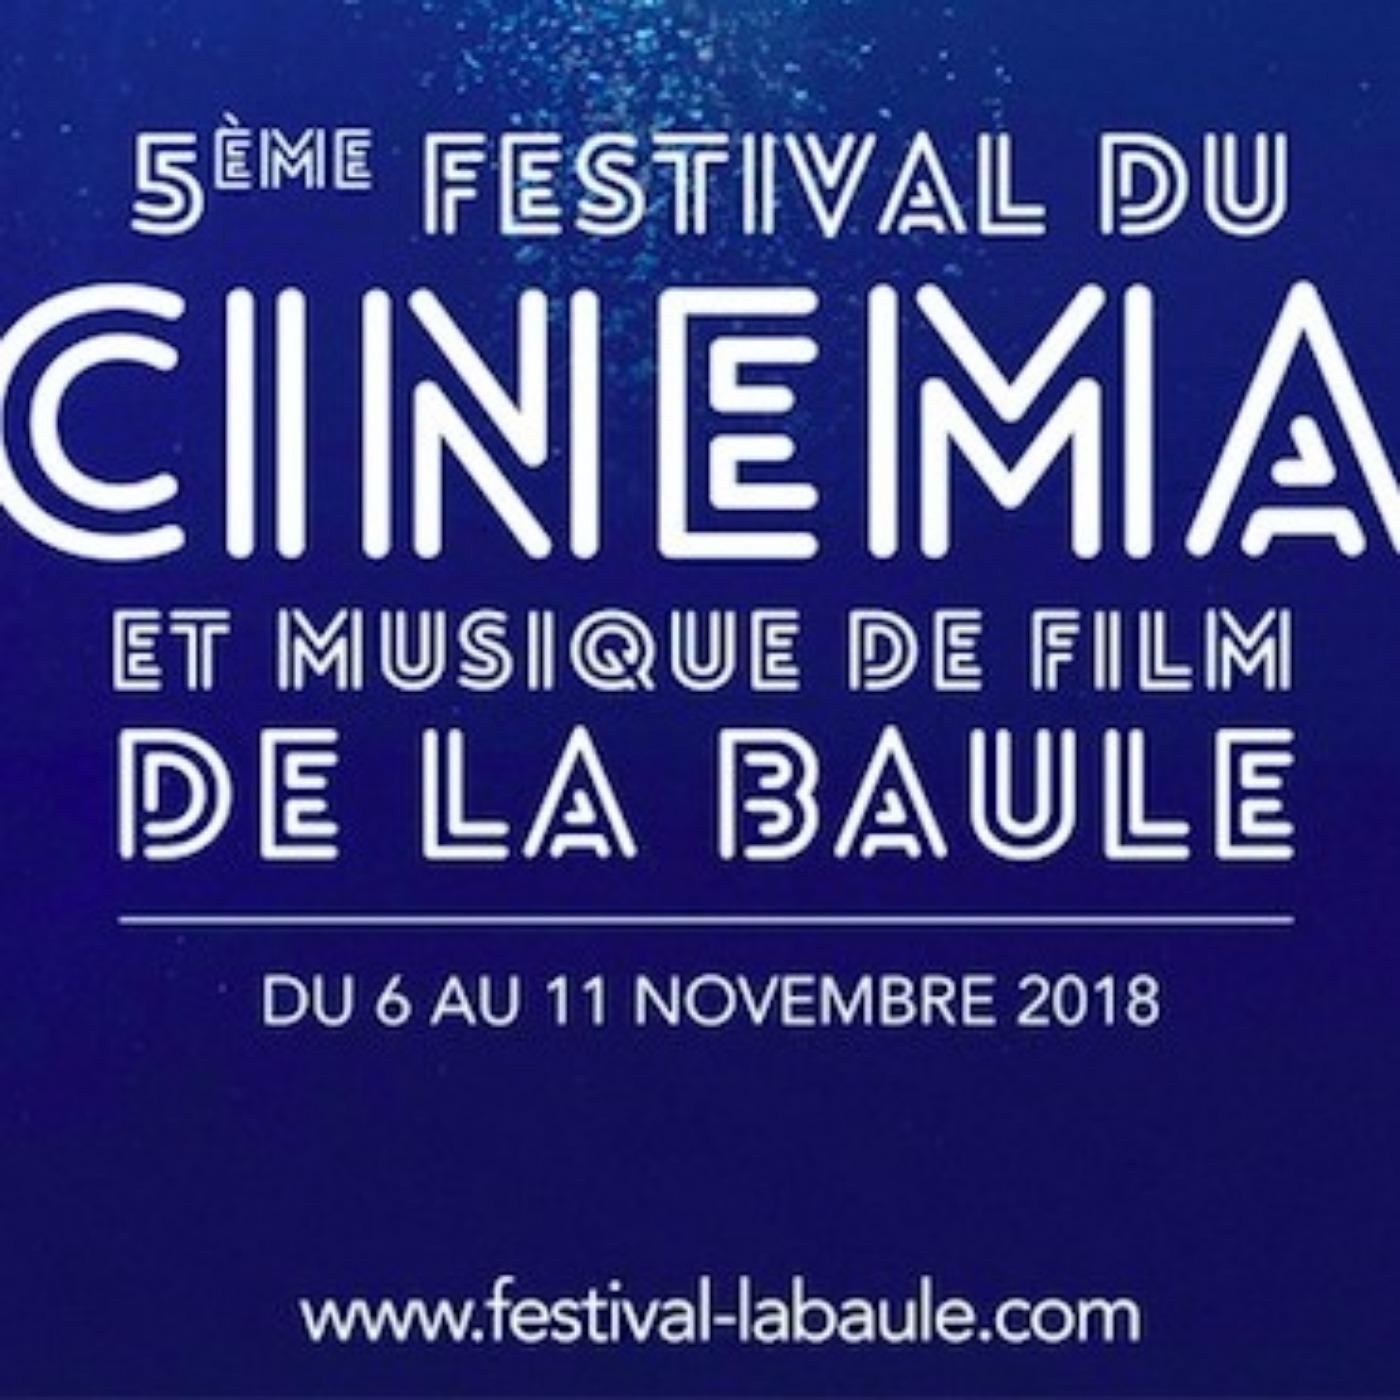 CinéMaRadio Aime Le Festival du Cinéma et Musique de Film de la Baule | JOUR 3